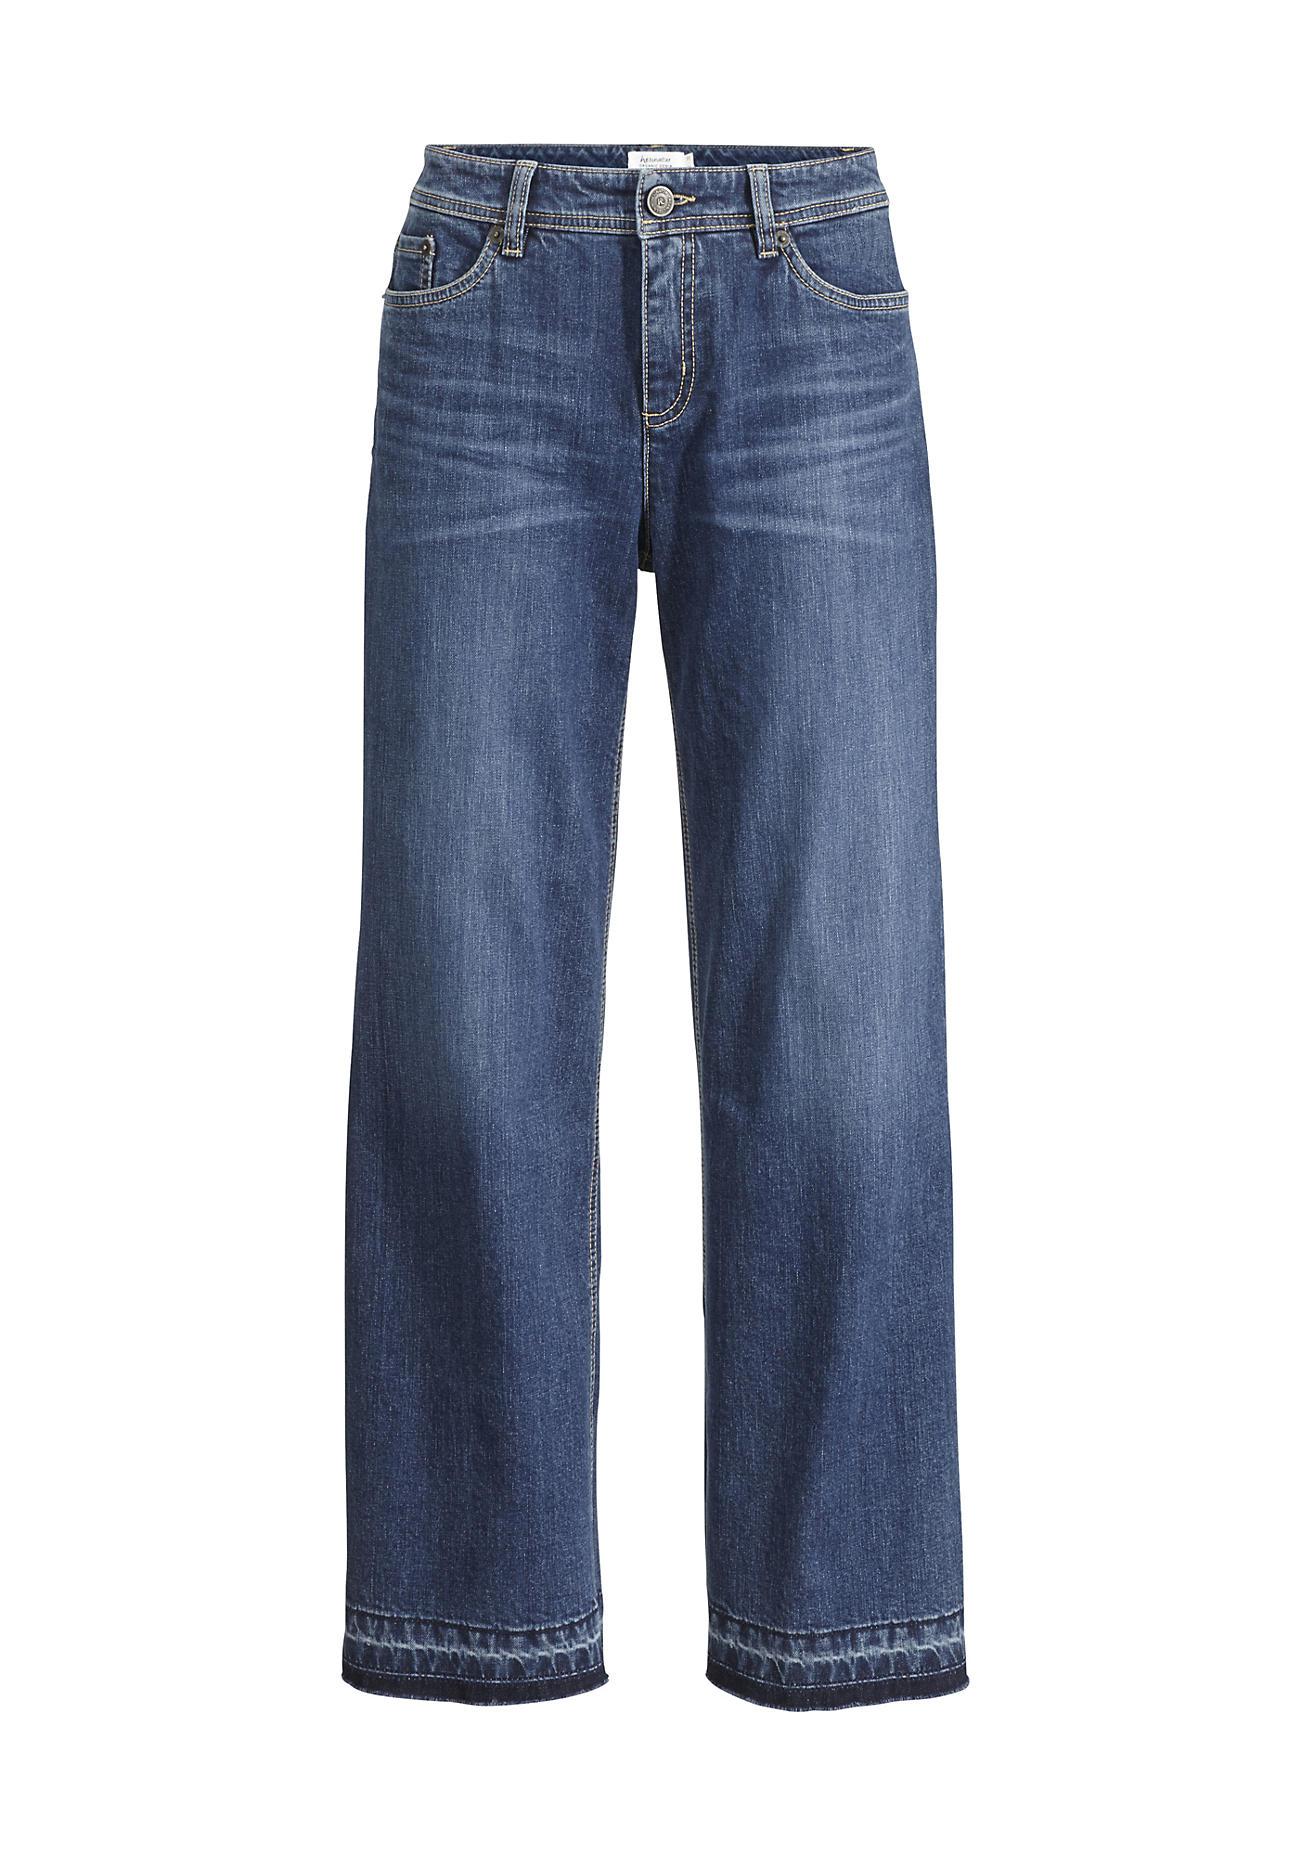 Hosen für Frauen - hessnatur Damen Jeans Culotte aus Bio Baumwolle – blau –  - Onlineshop Hessnatur